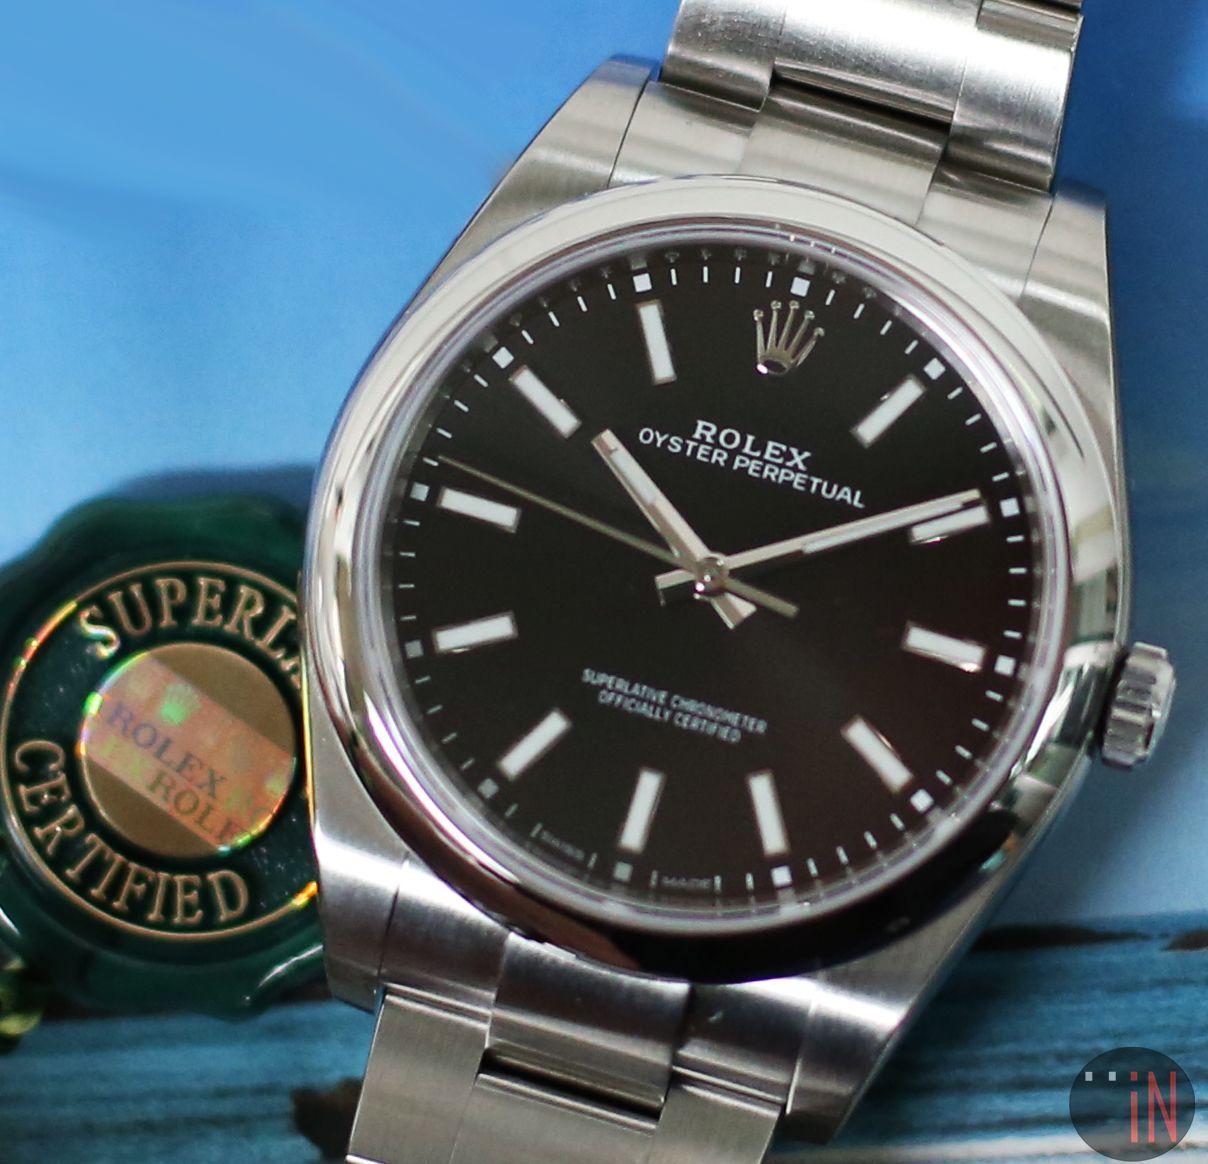 Pin By Bob Elliott On Rolex Rolex Oyster Perpetual Rolex Oyster Perpetual